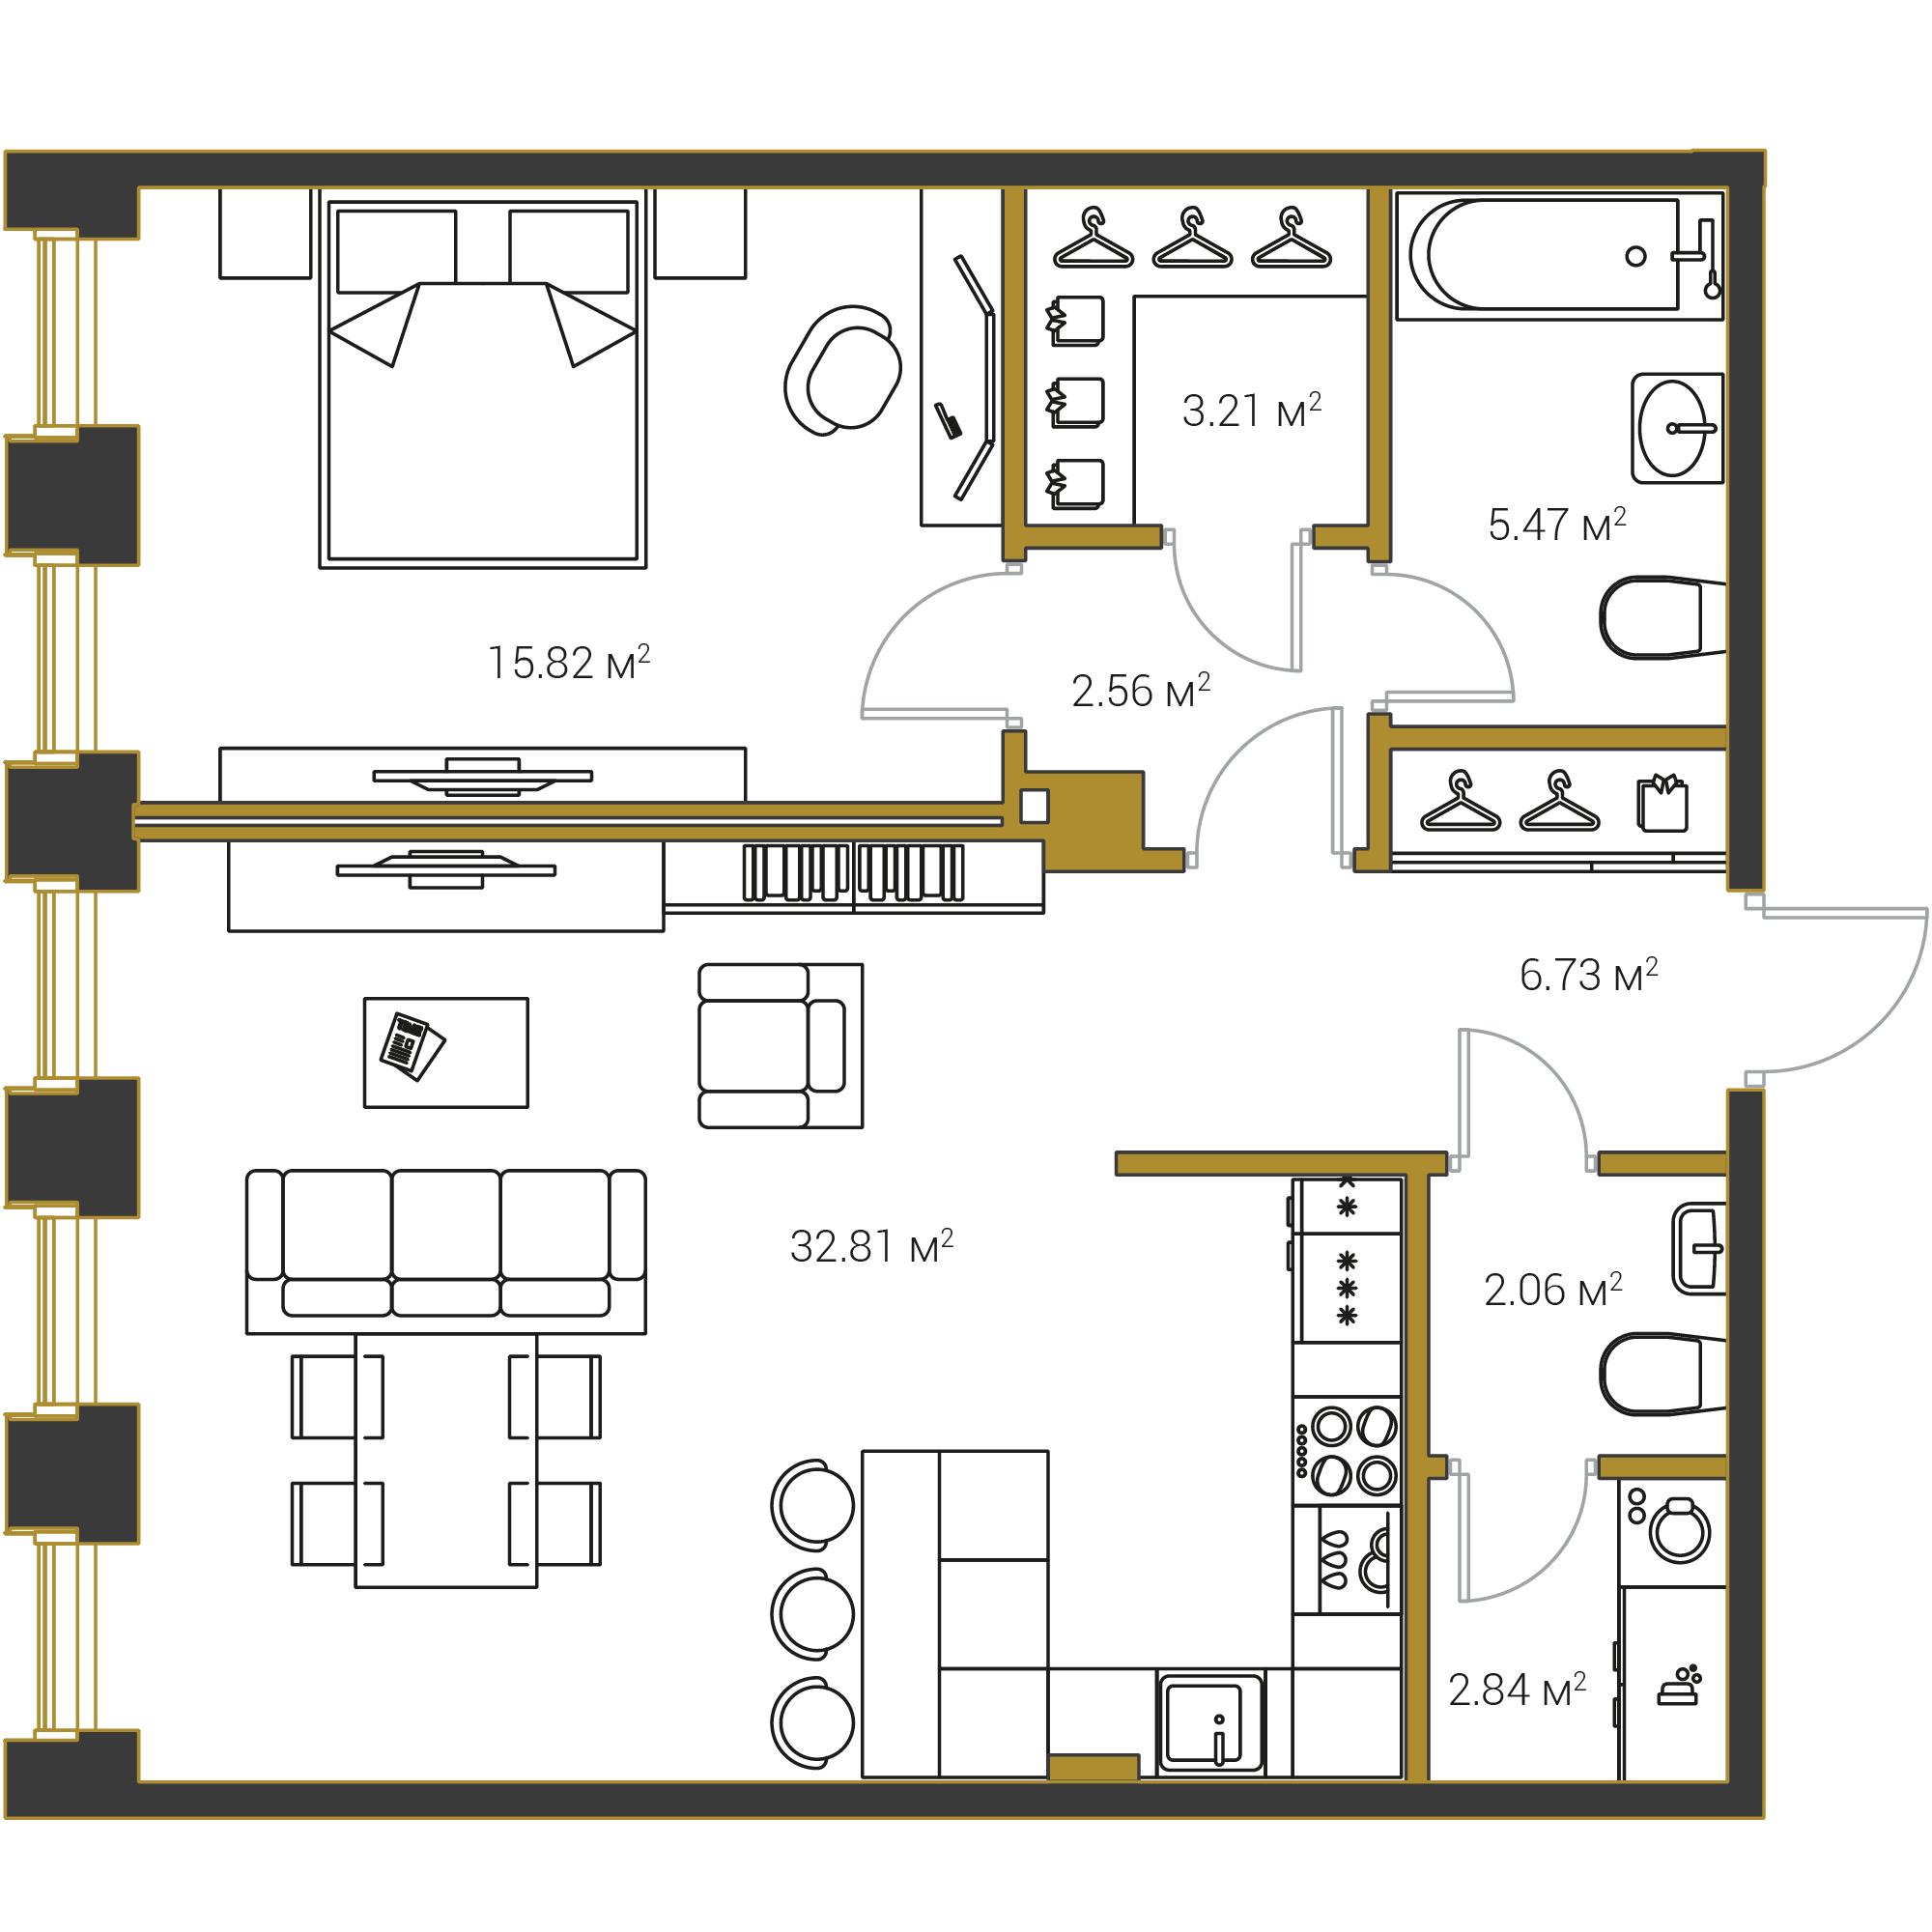 1-комнатная квартира №16 в: Институтский,16: 71.5 м²; этаж: 3 - купить в Санкт-Петербурге